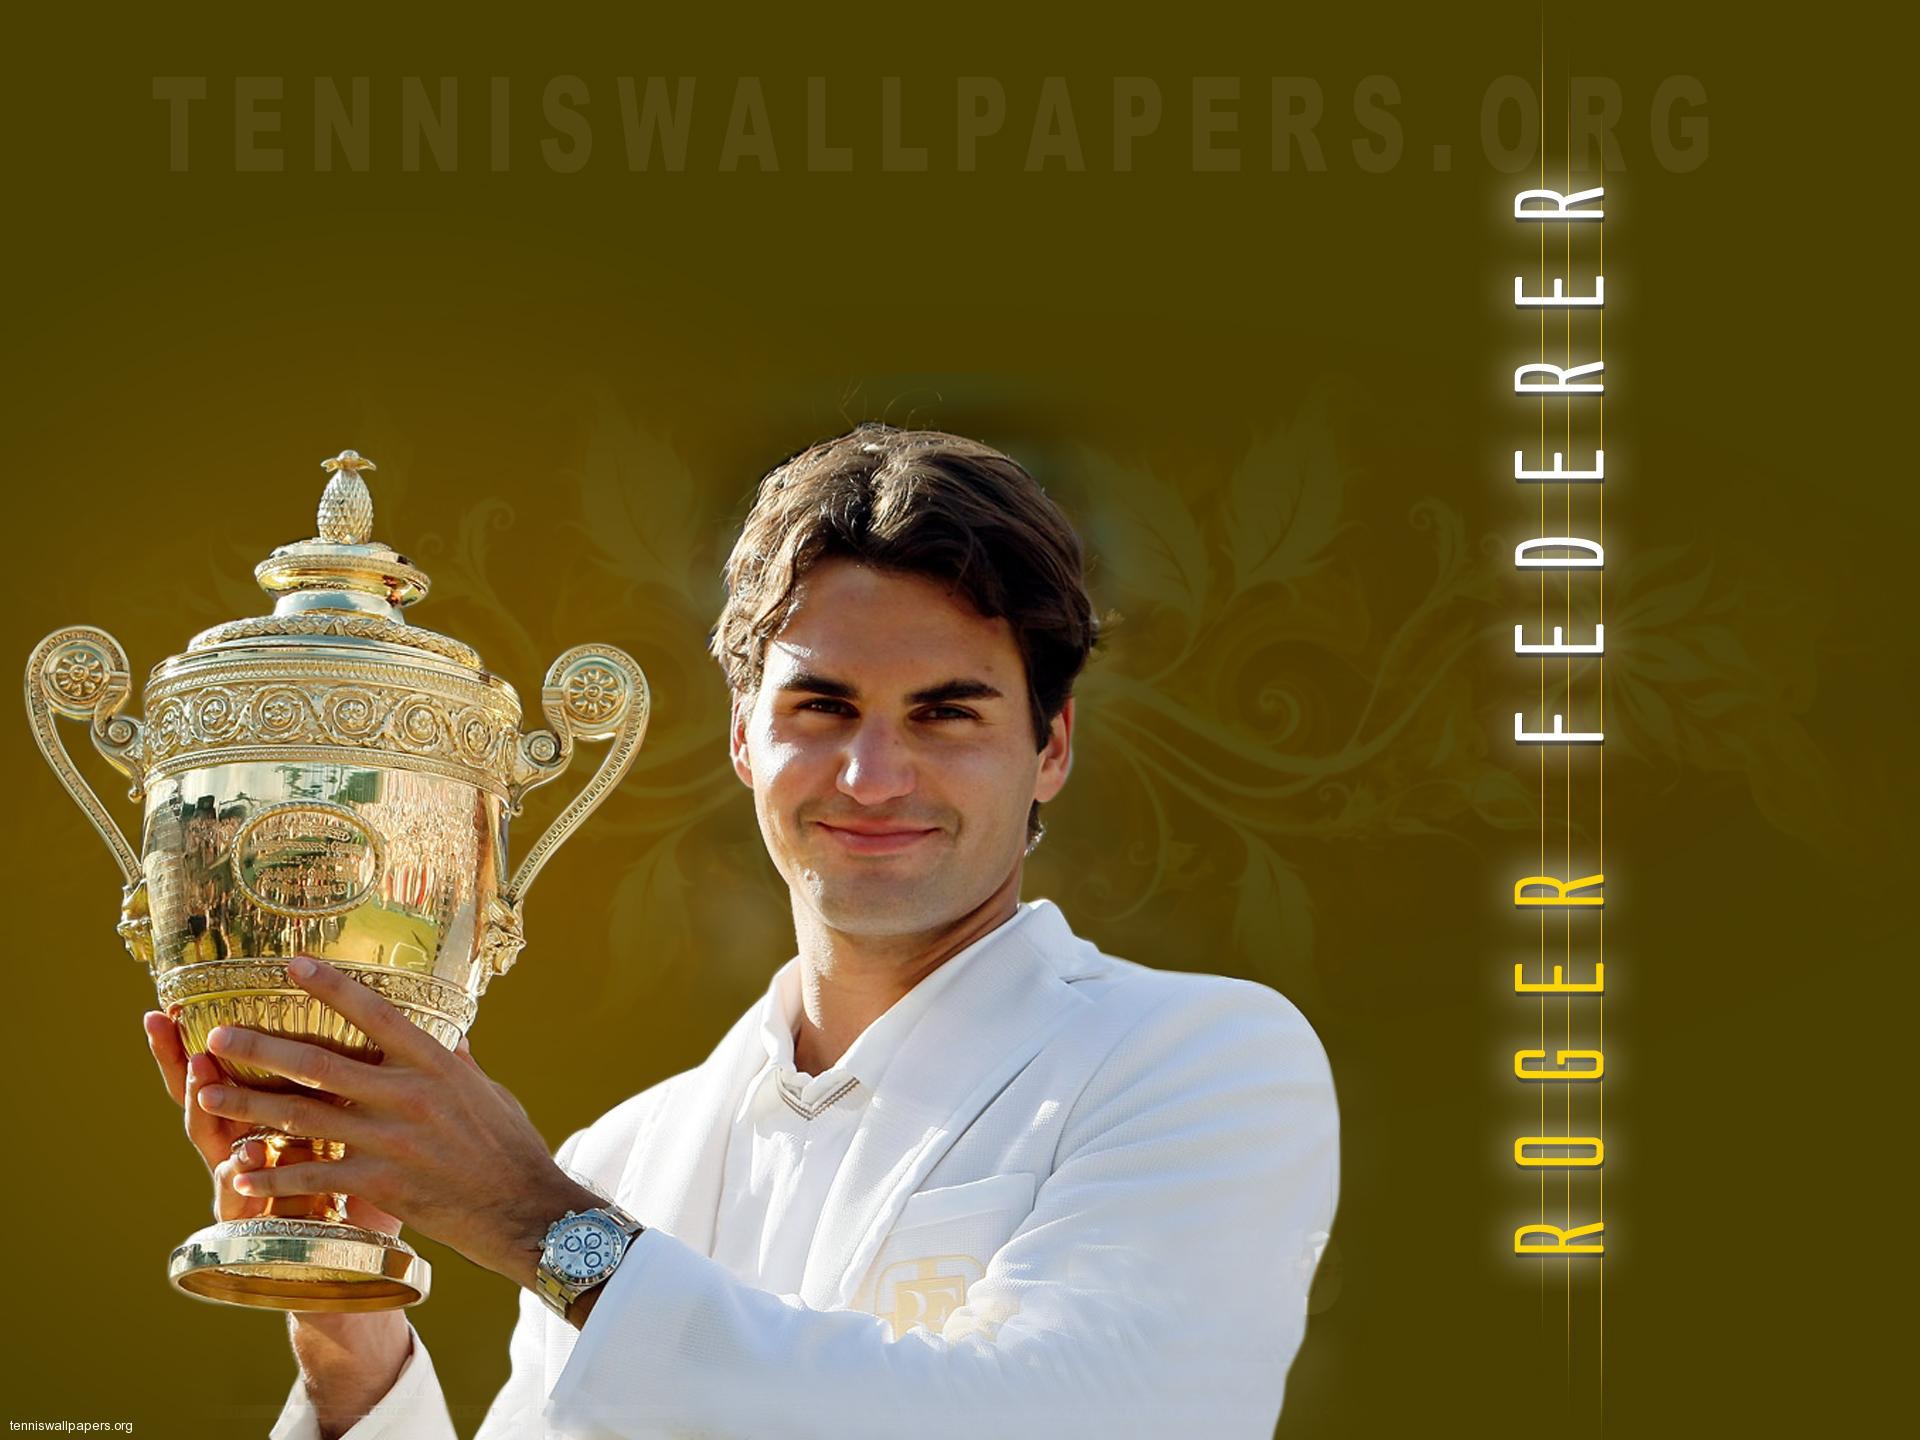 Roger+federer+wallpaper